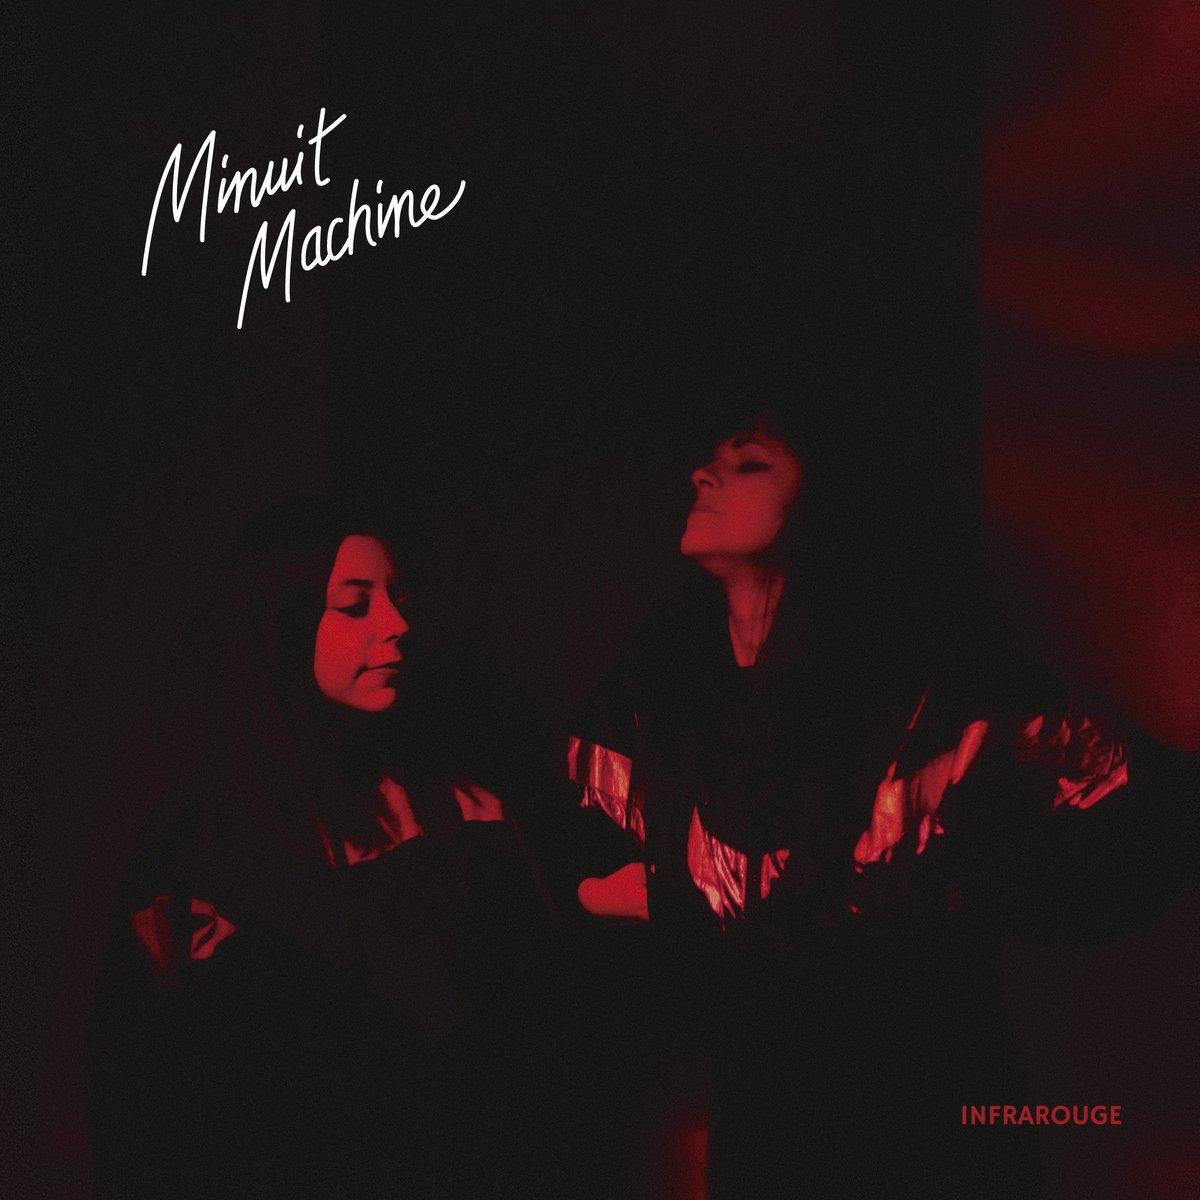 minuit-machine